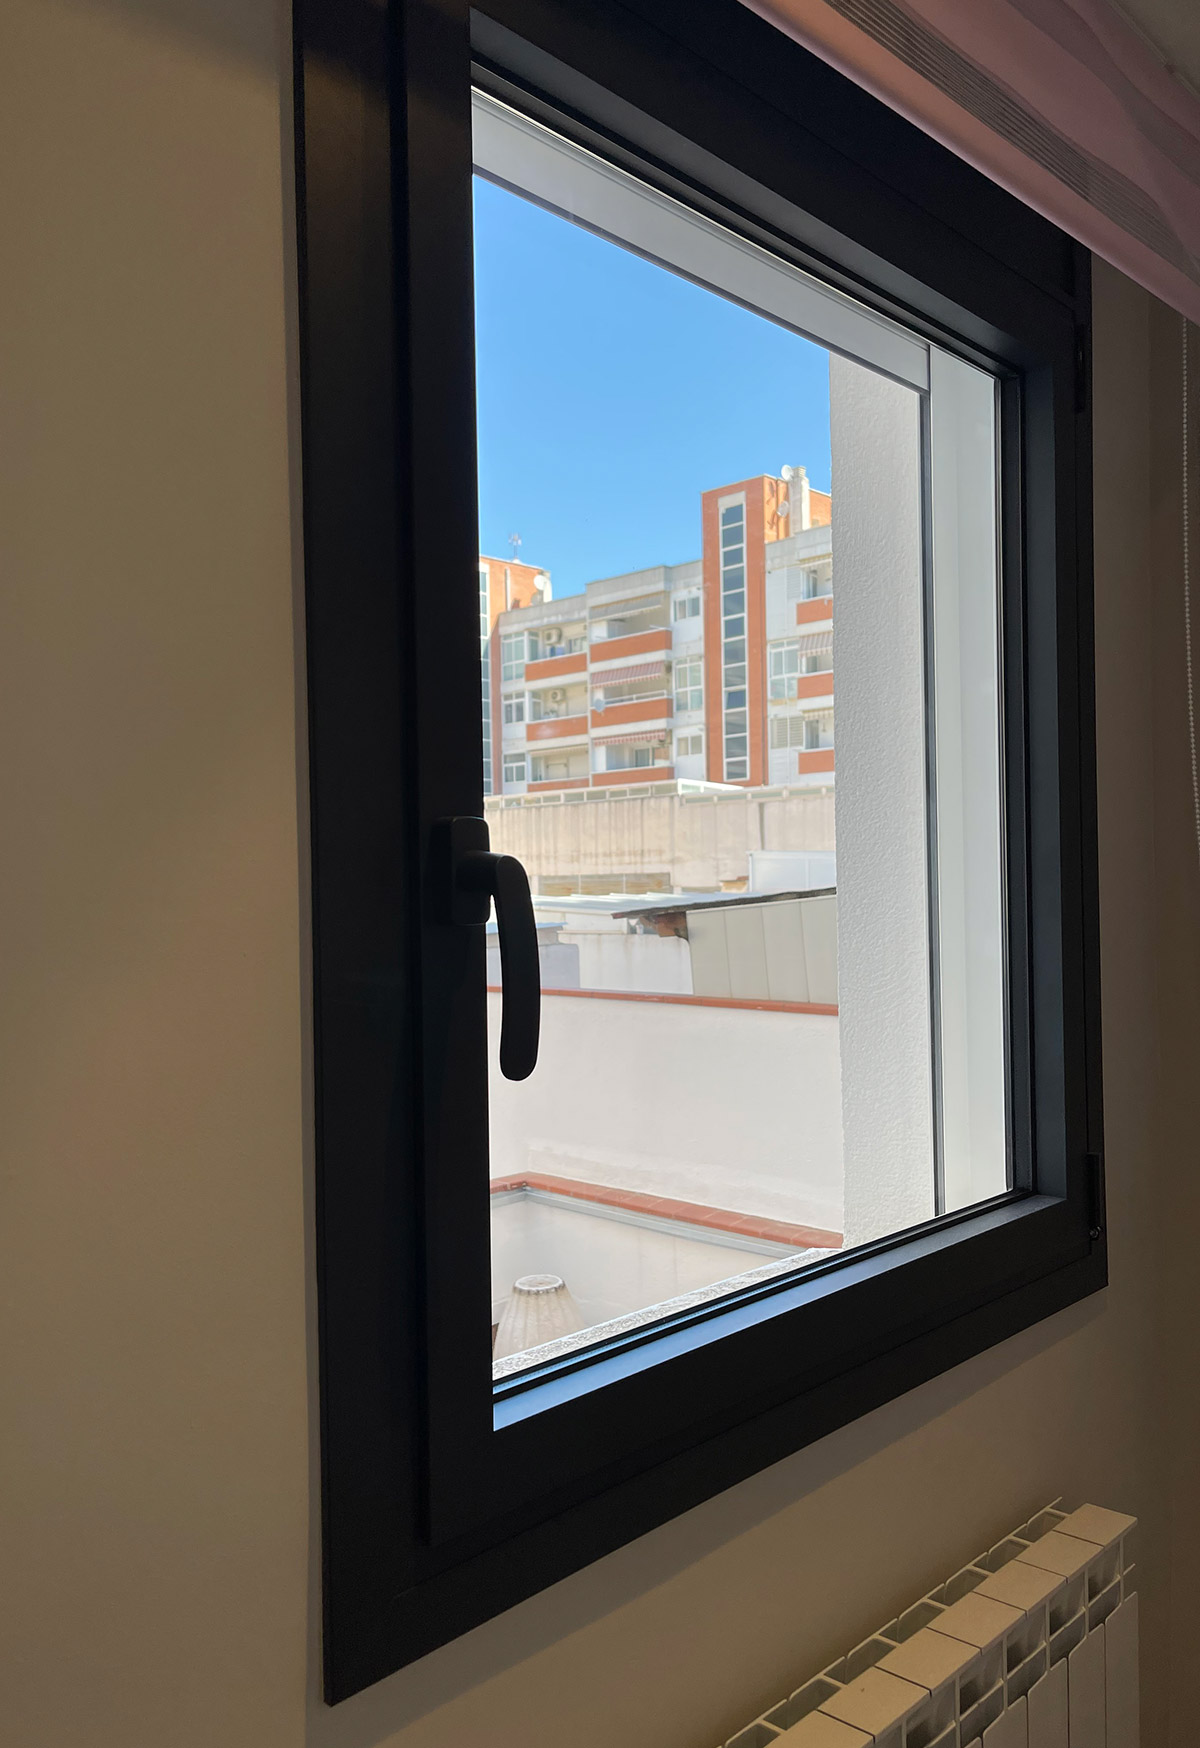 Transformación local en vivienda con ventanas Thermia